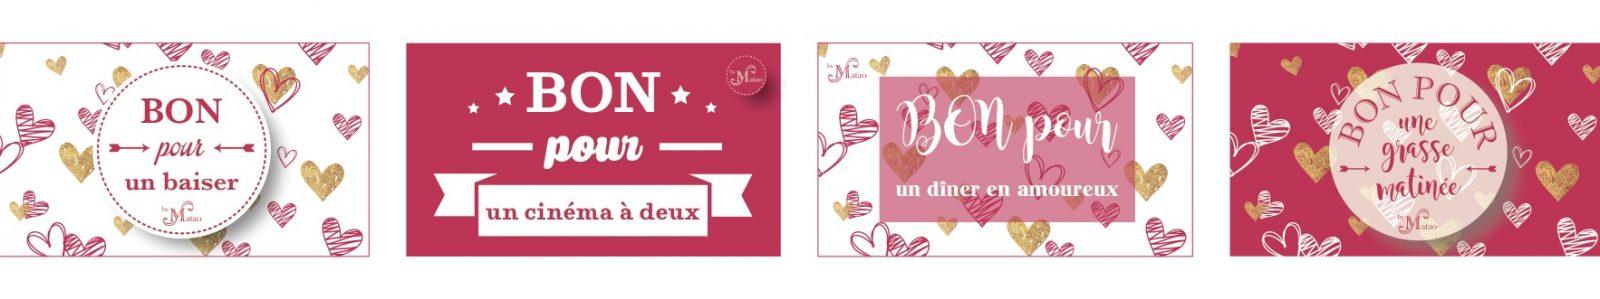 Bon pour la saint valentin par by Matao